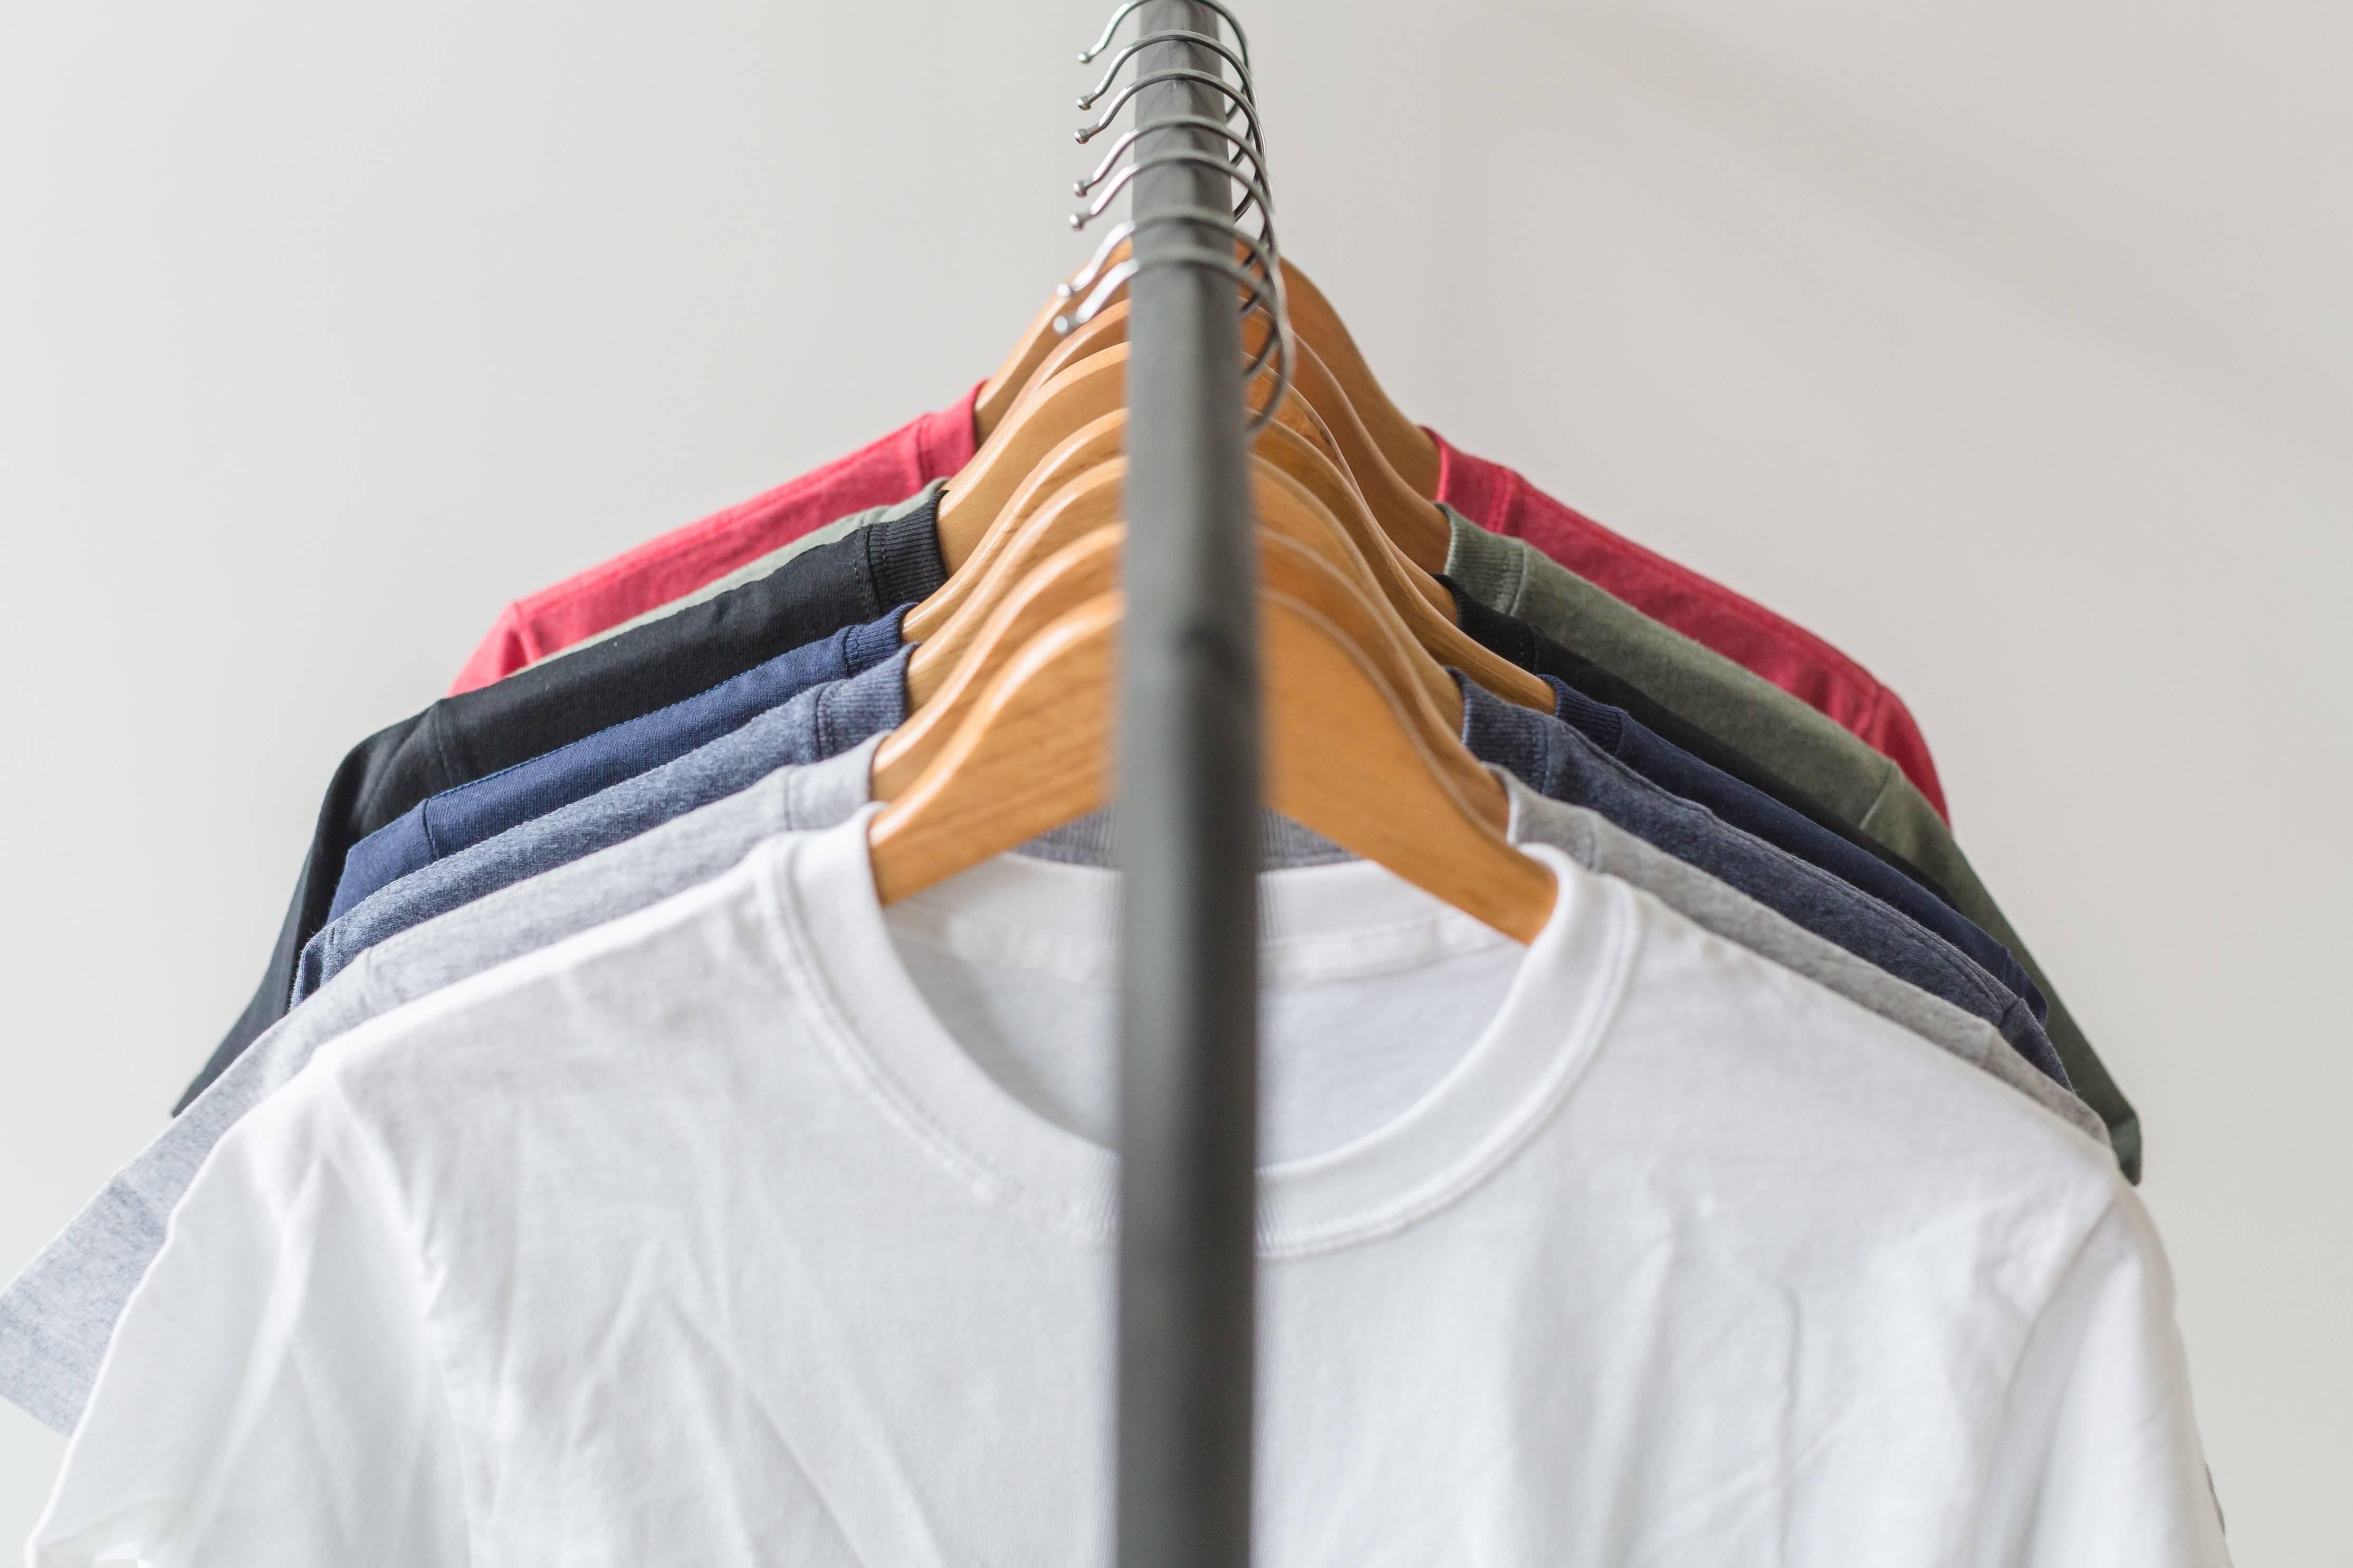 T shirt buying guide